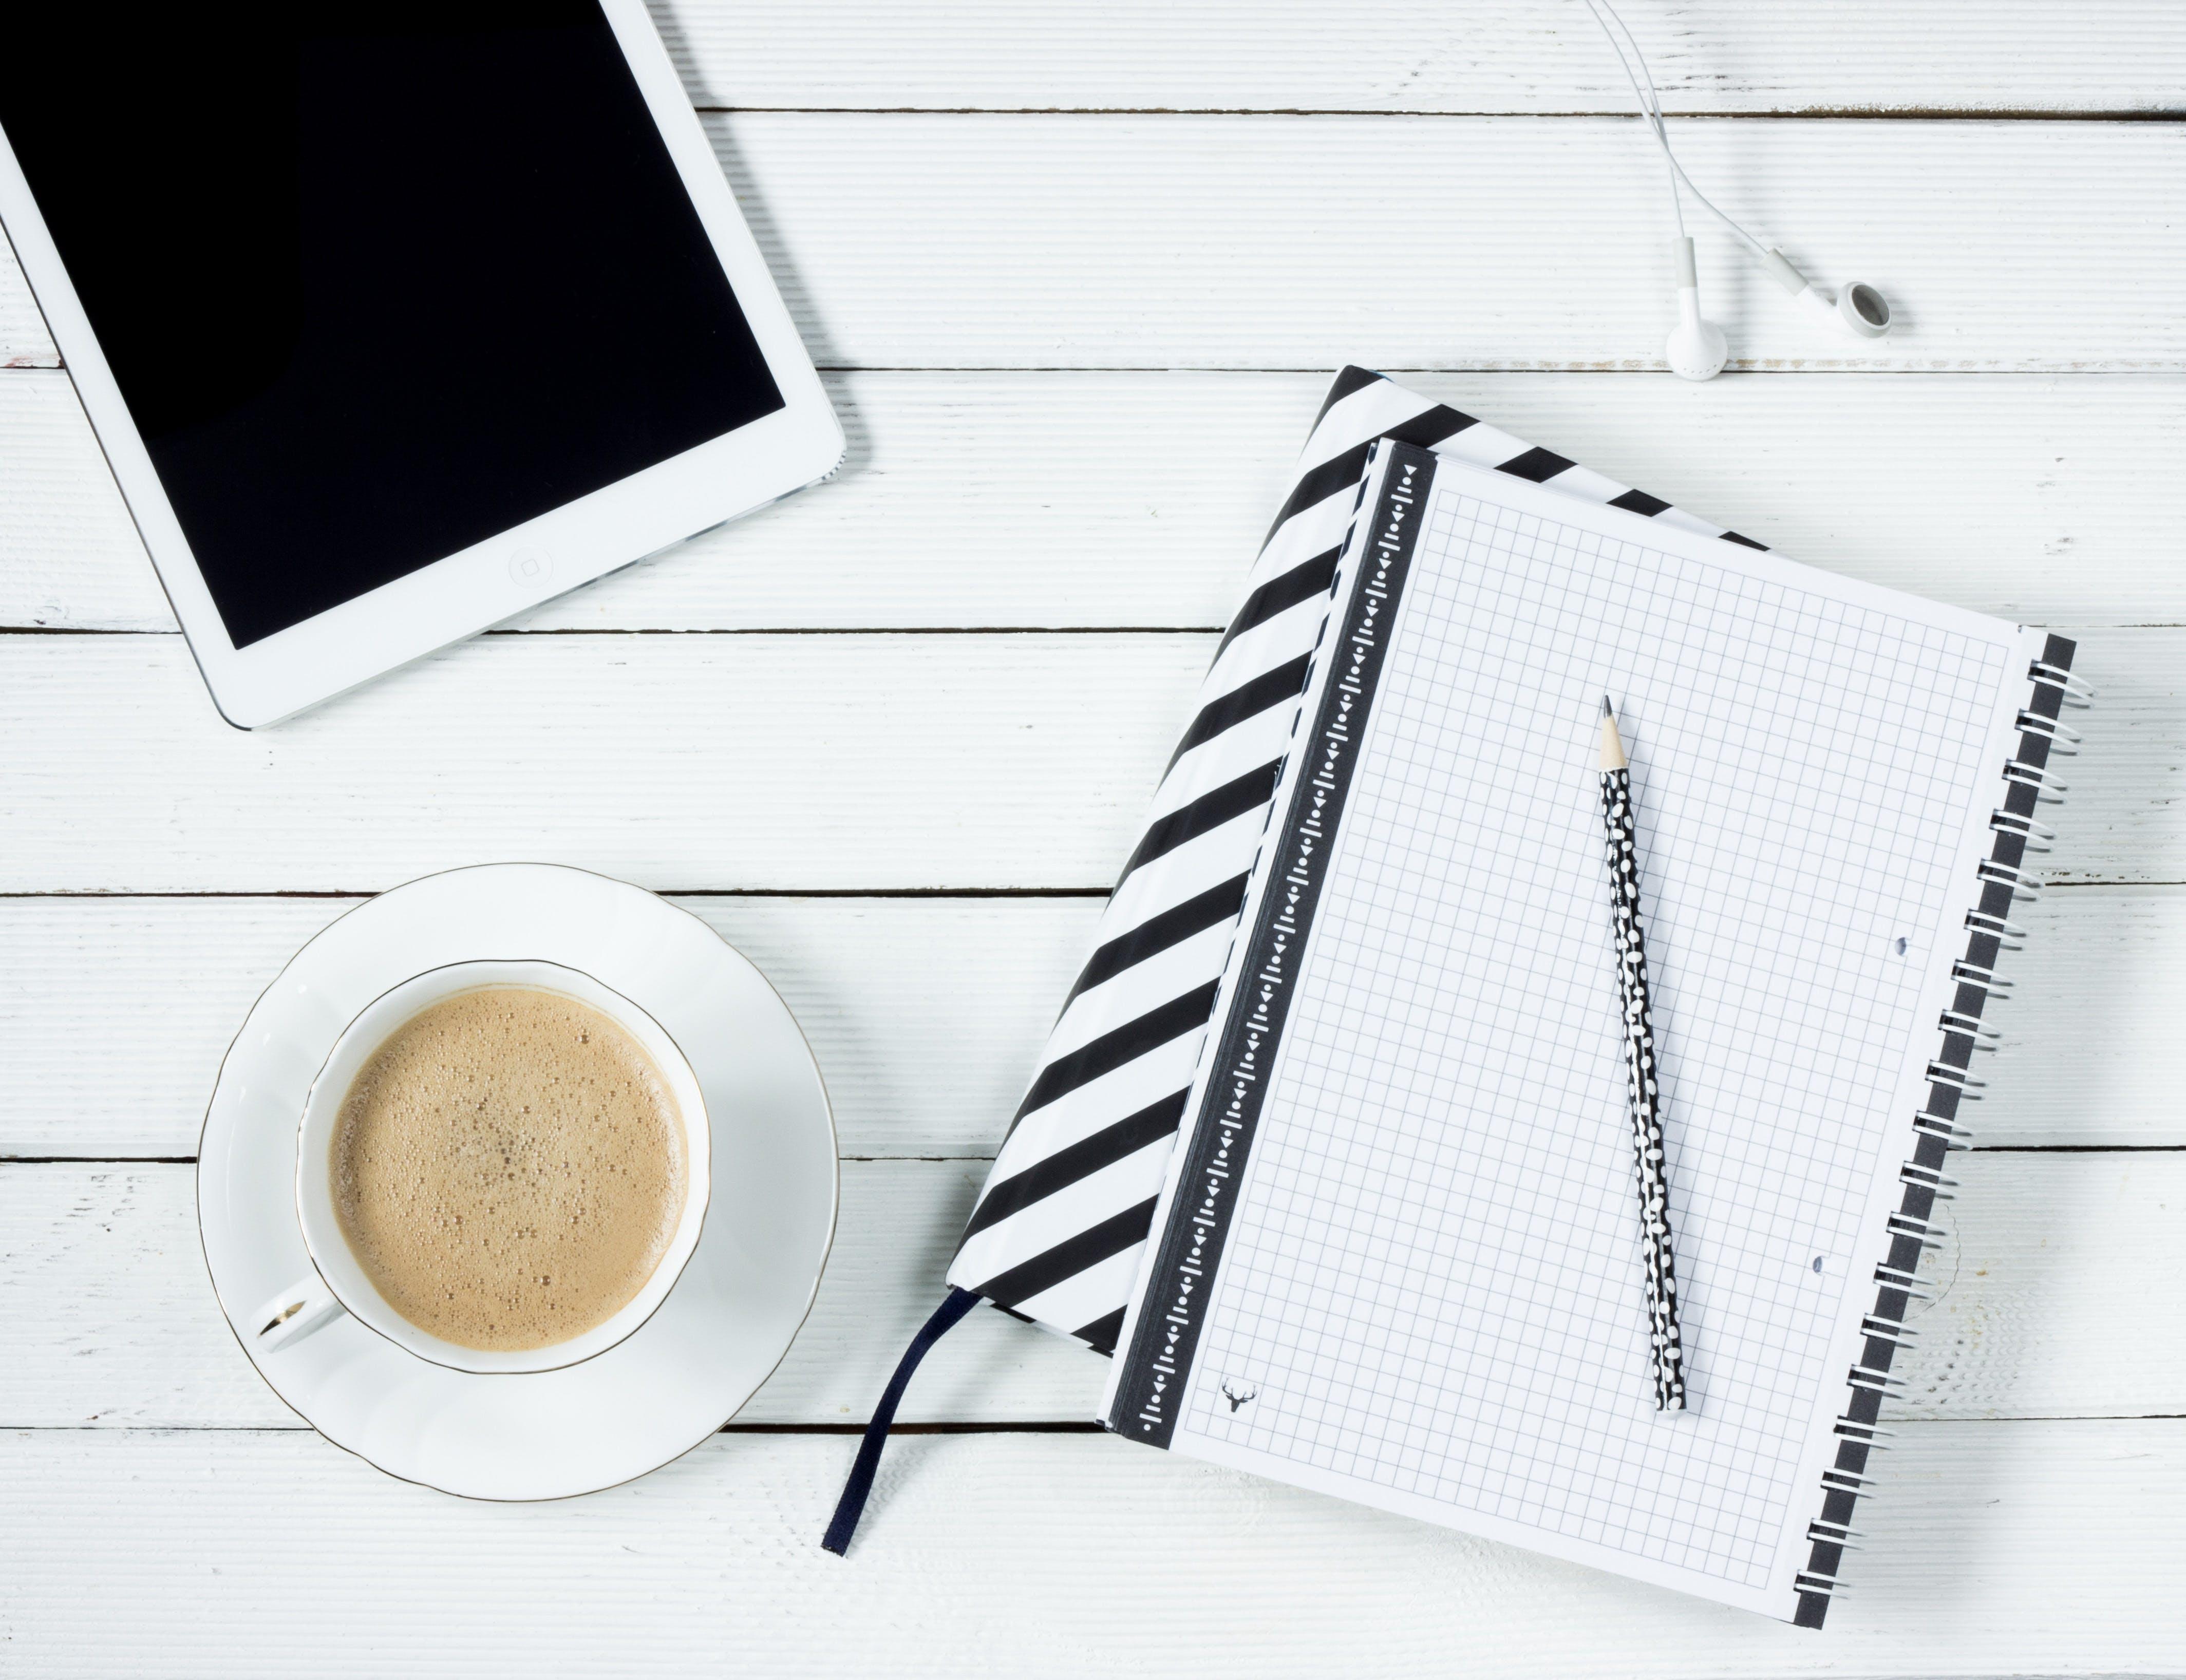 bàn, bút chì, cà phê